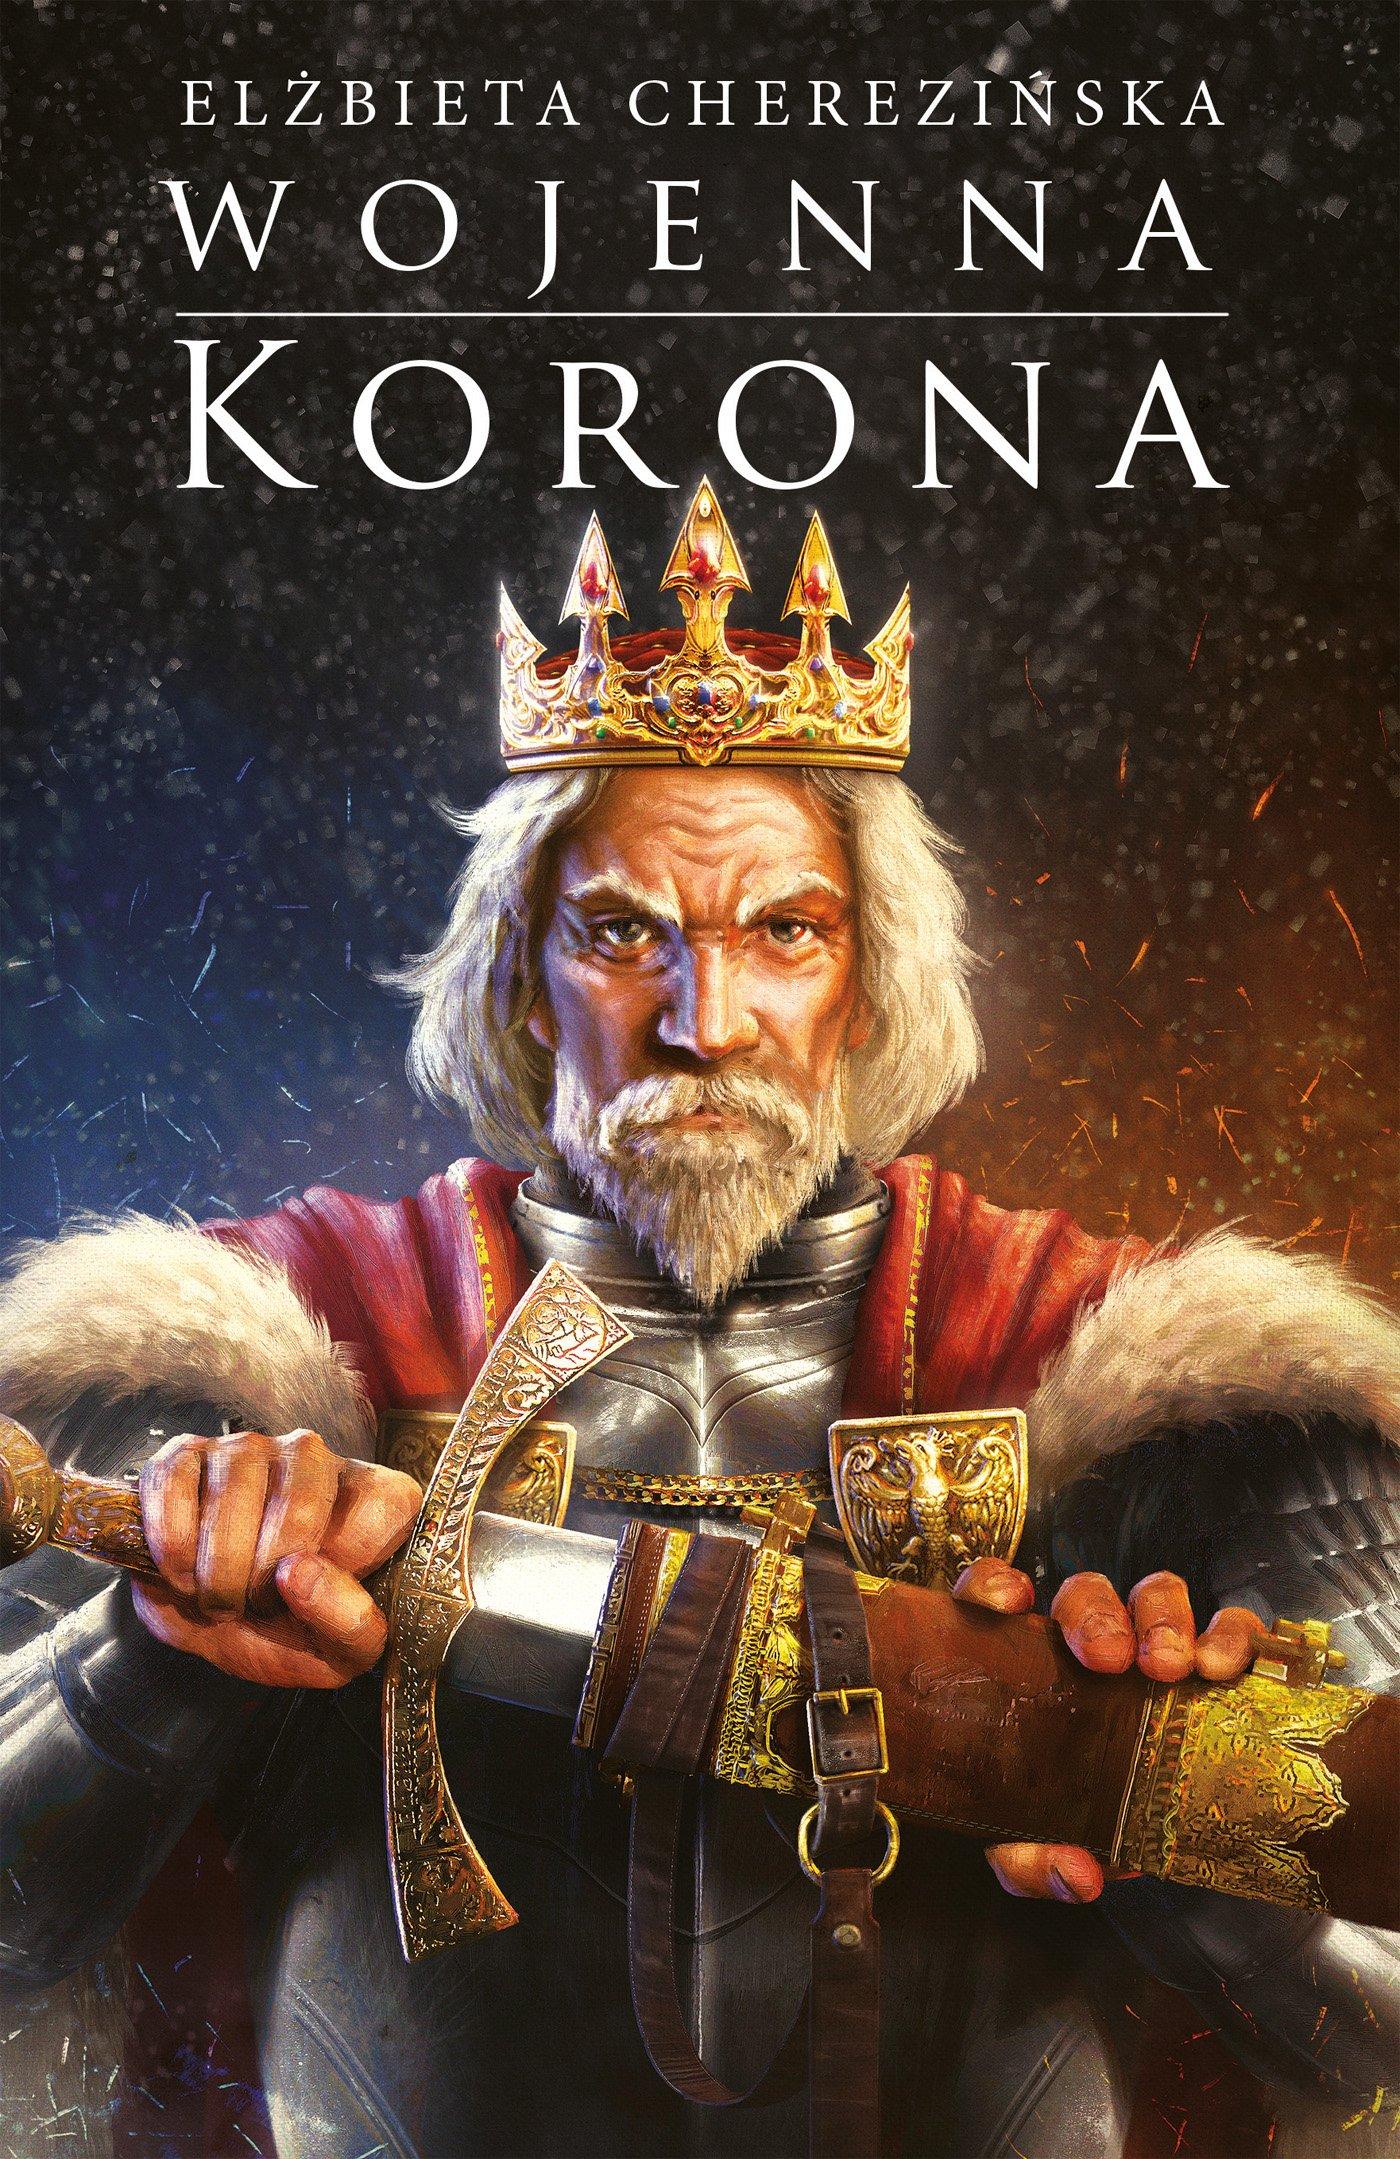 Wojenna korona - Ebook (Książka na Kindle) do pobrania w formacie MOBI